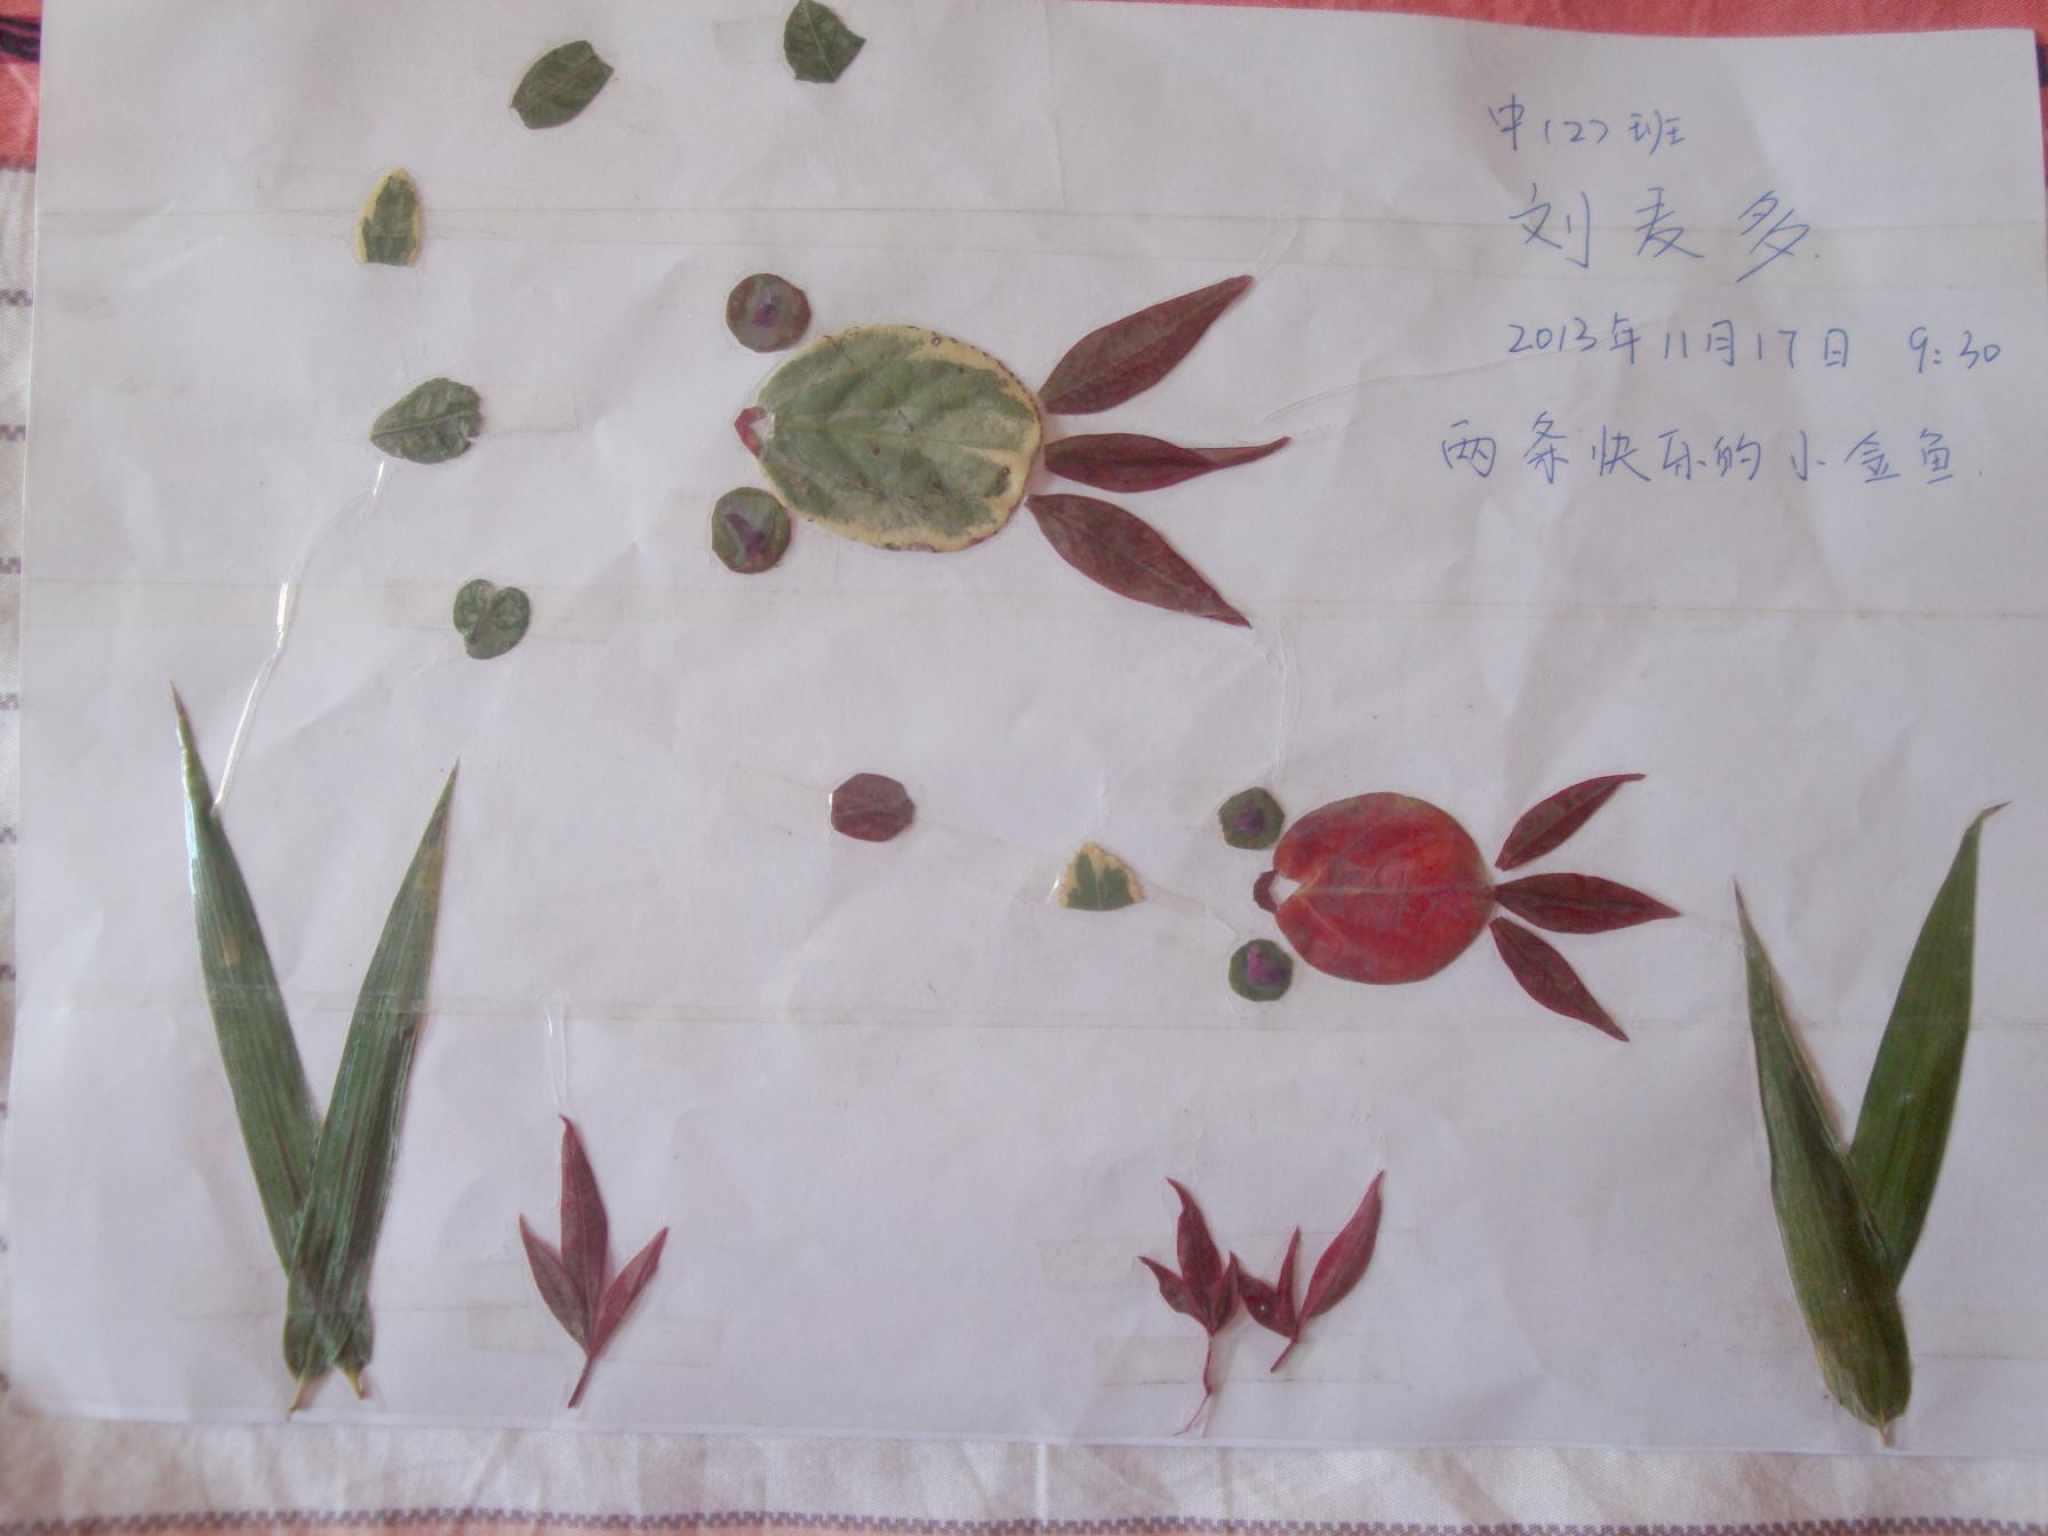 麦多手工作品集锦  作品选自幼儿园小班,中班和大班.